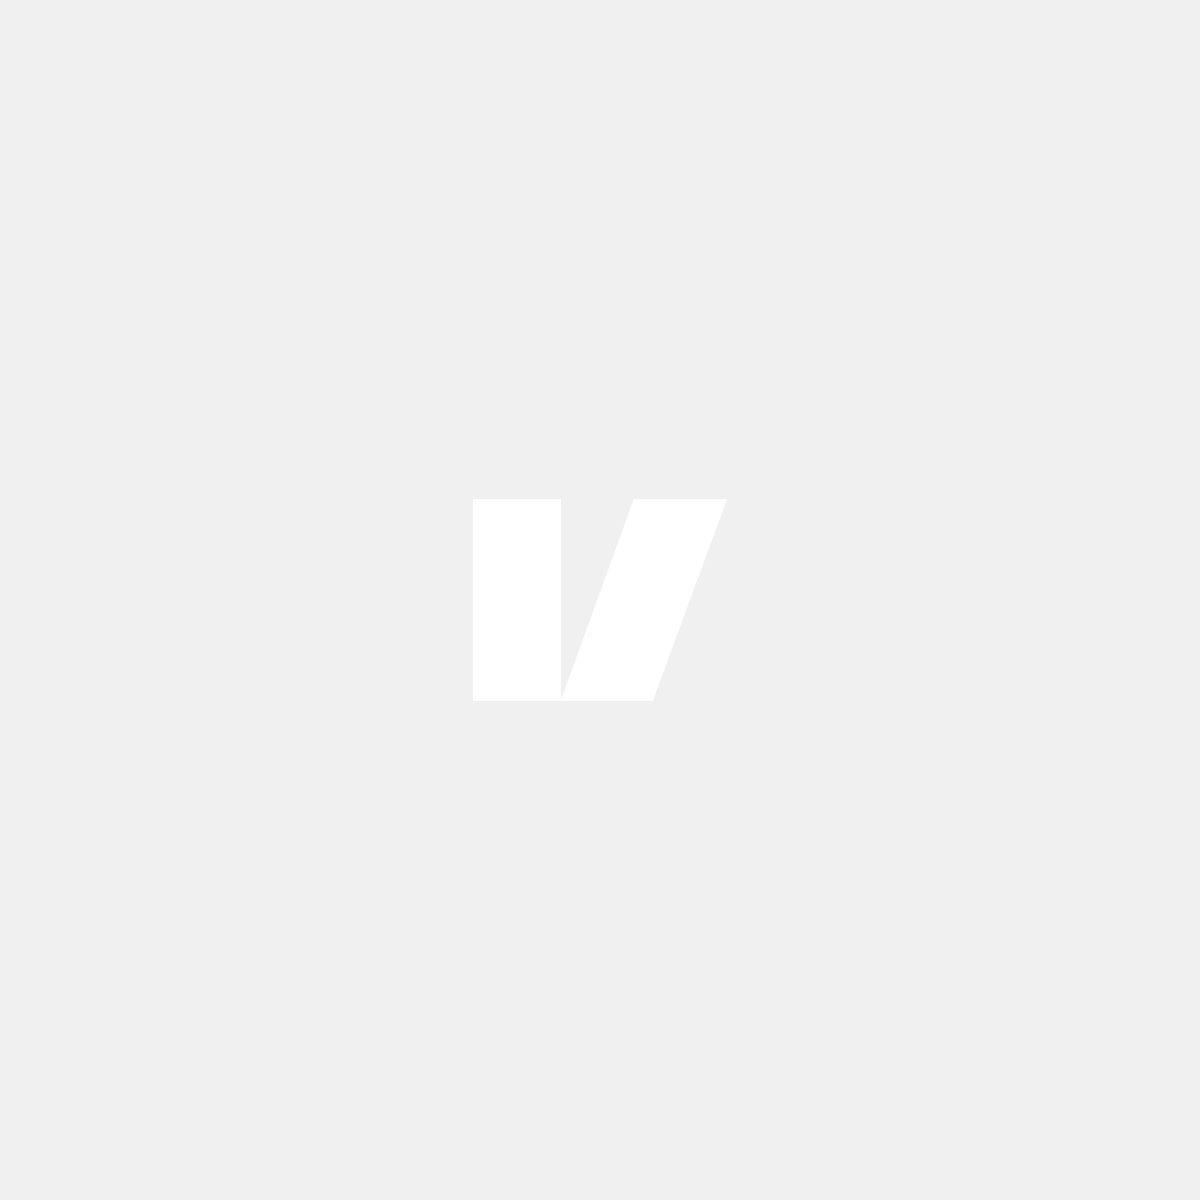 Silverlackade railskåpor till Volvo XC90, 03-14